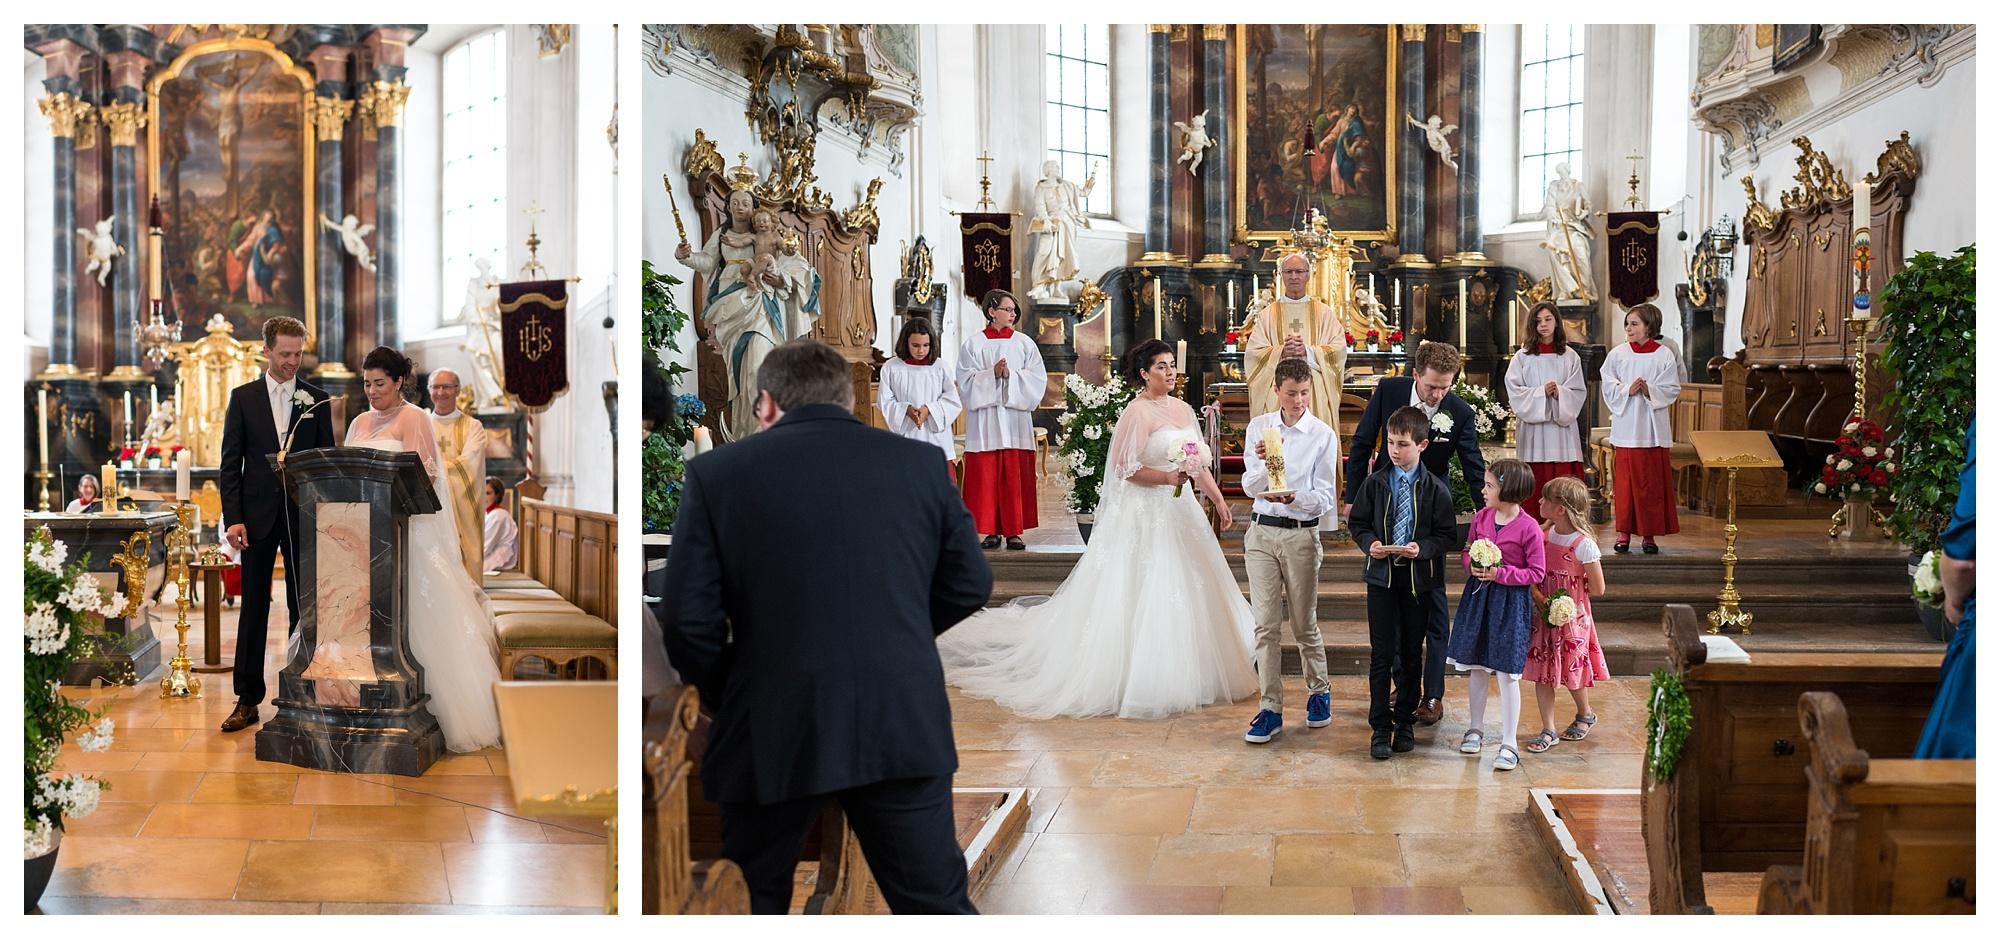 Fotograf Konstanz - Hochzeit Tanja Elmar Elmar Feuerbacher Photography Konstanz Messkirch Highlights 037 - Hochzeitsreportage von Tanja und Elmar im Schloss Meßkirch  - 141 -